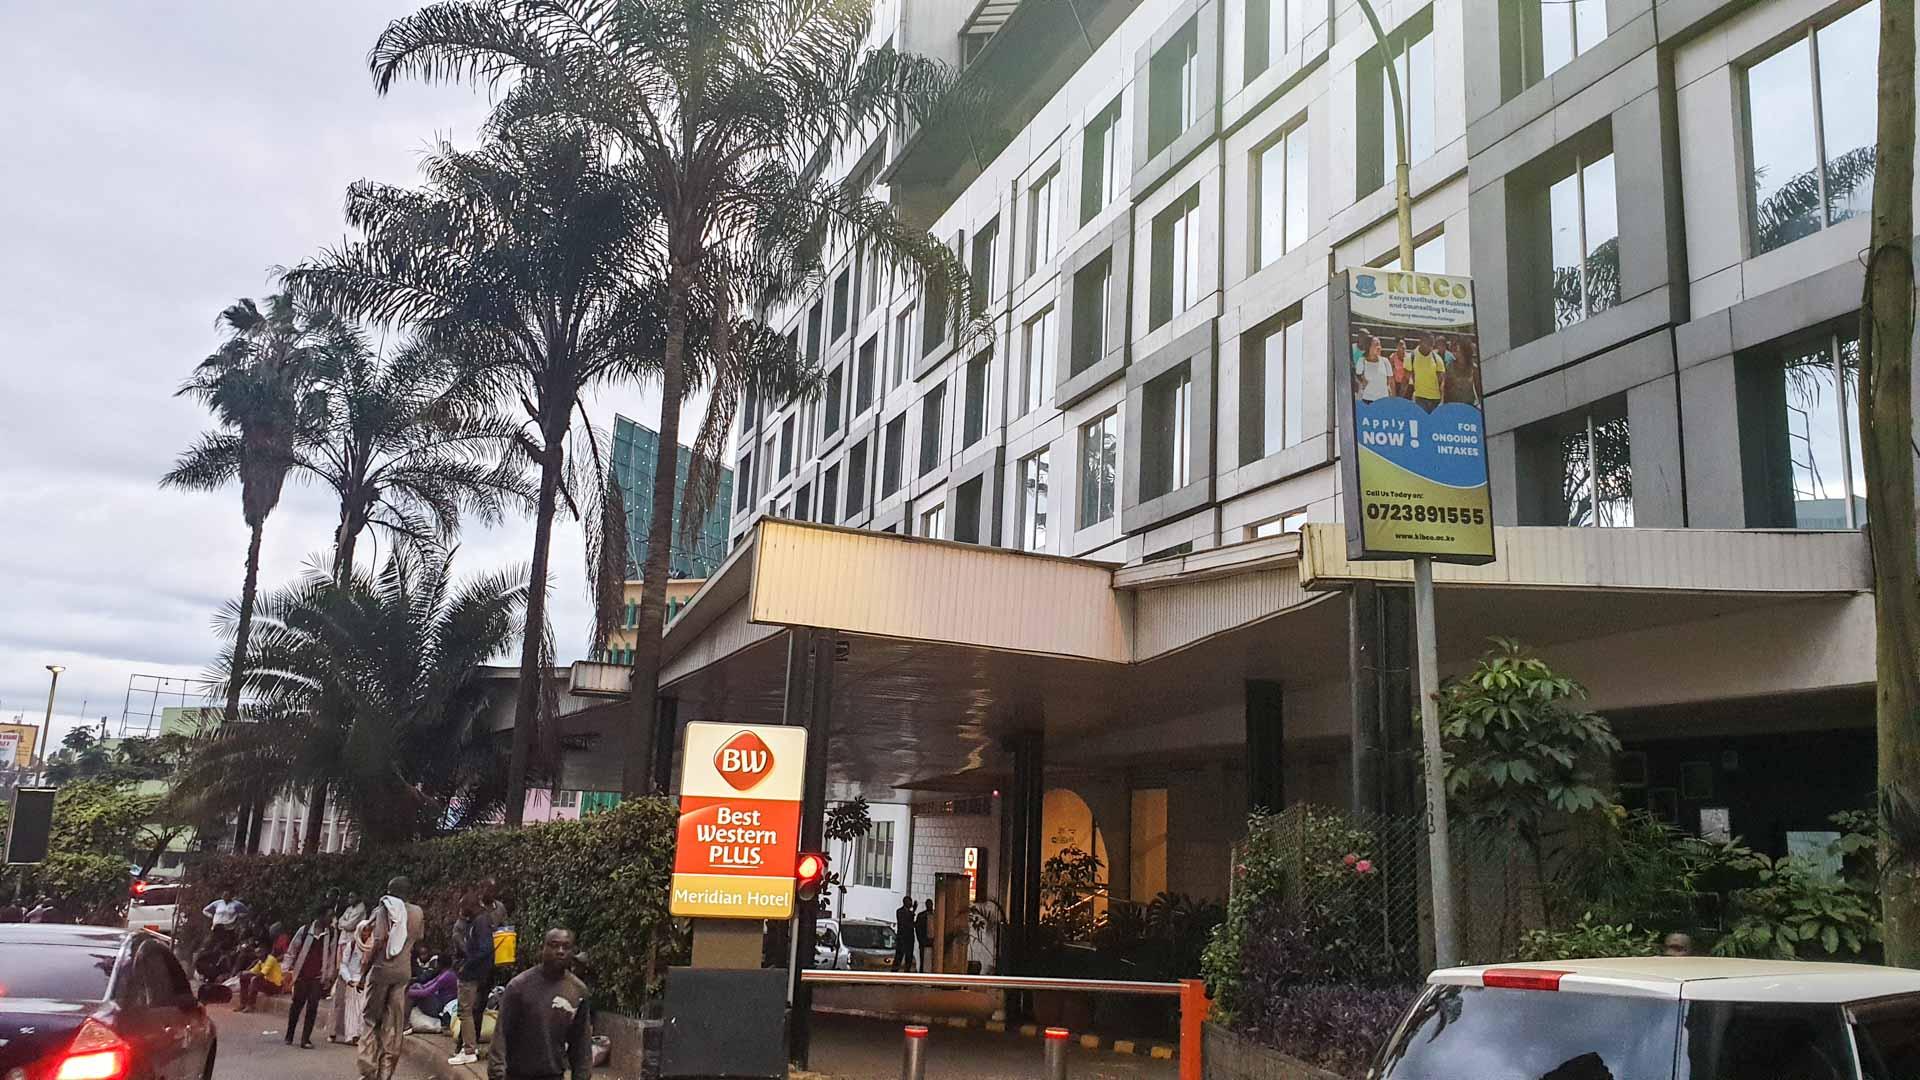 Entrada del Hotel Best Western Plus Meridian